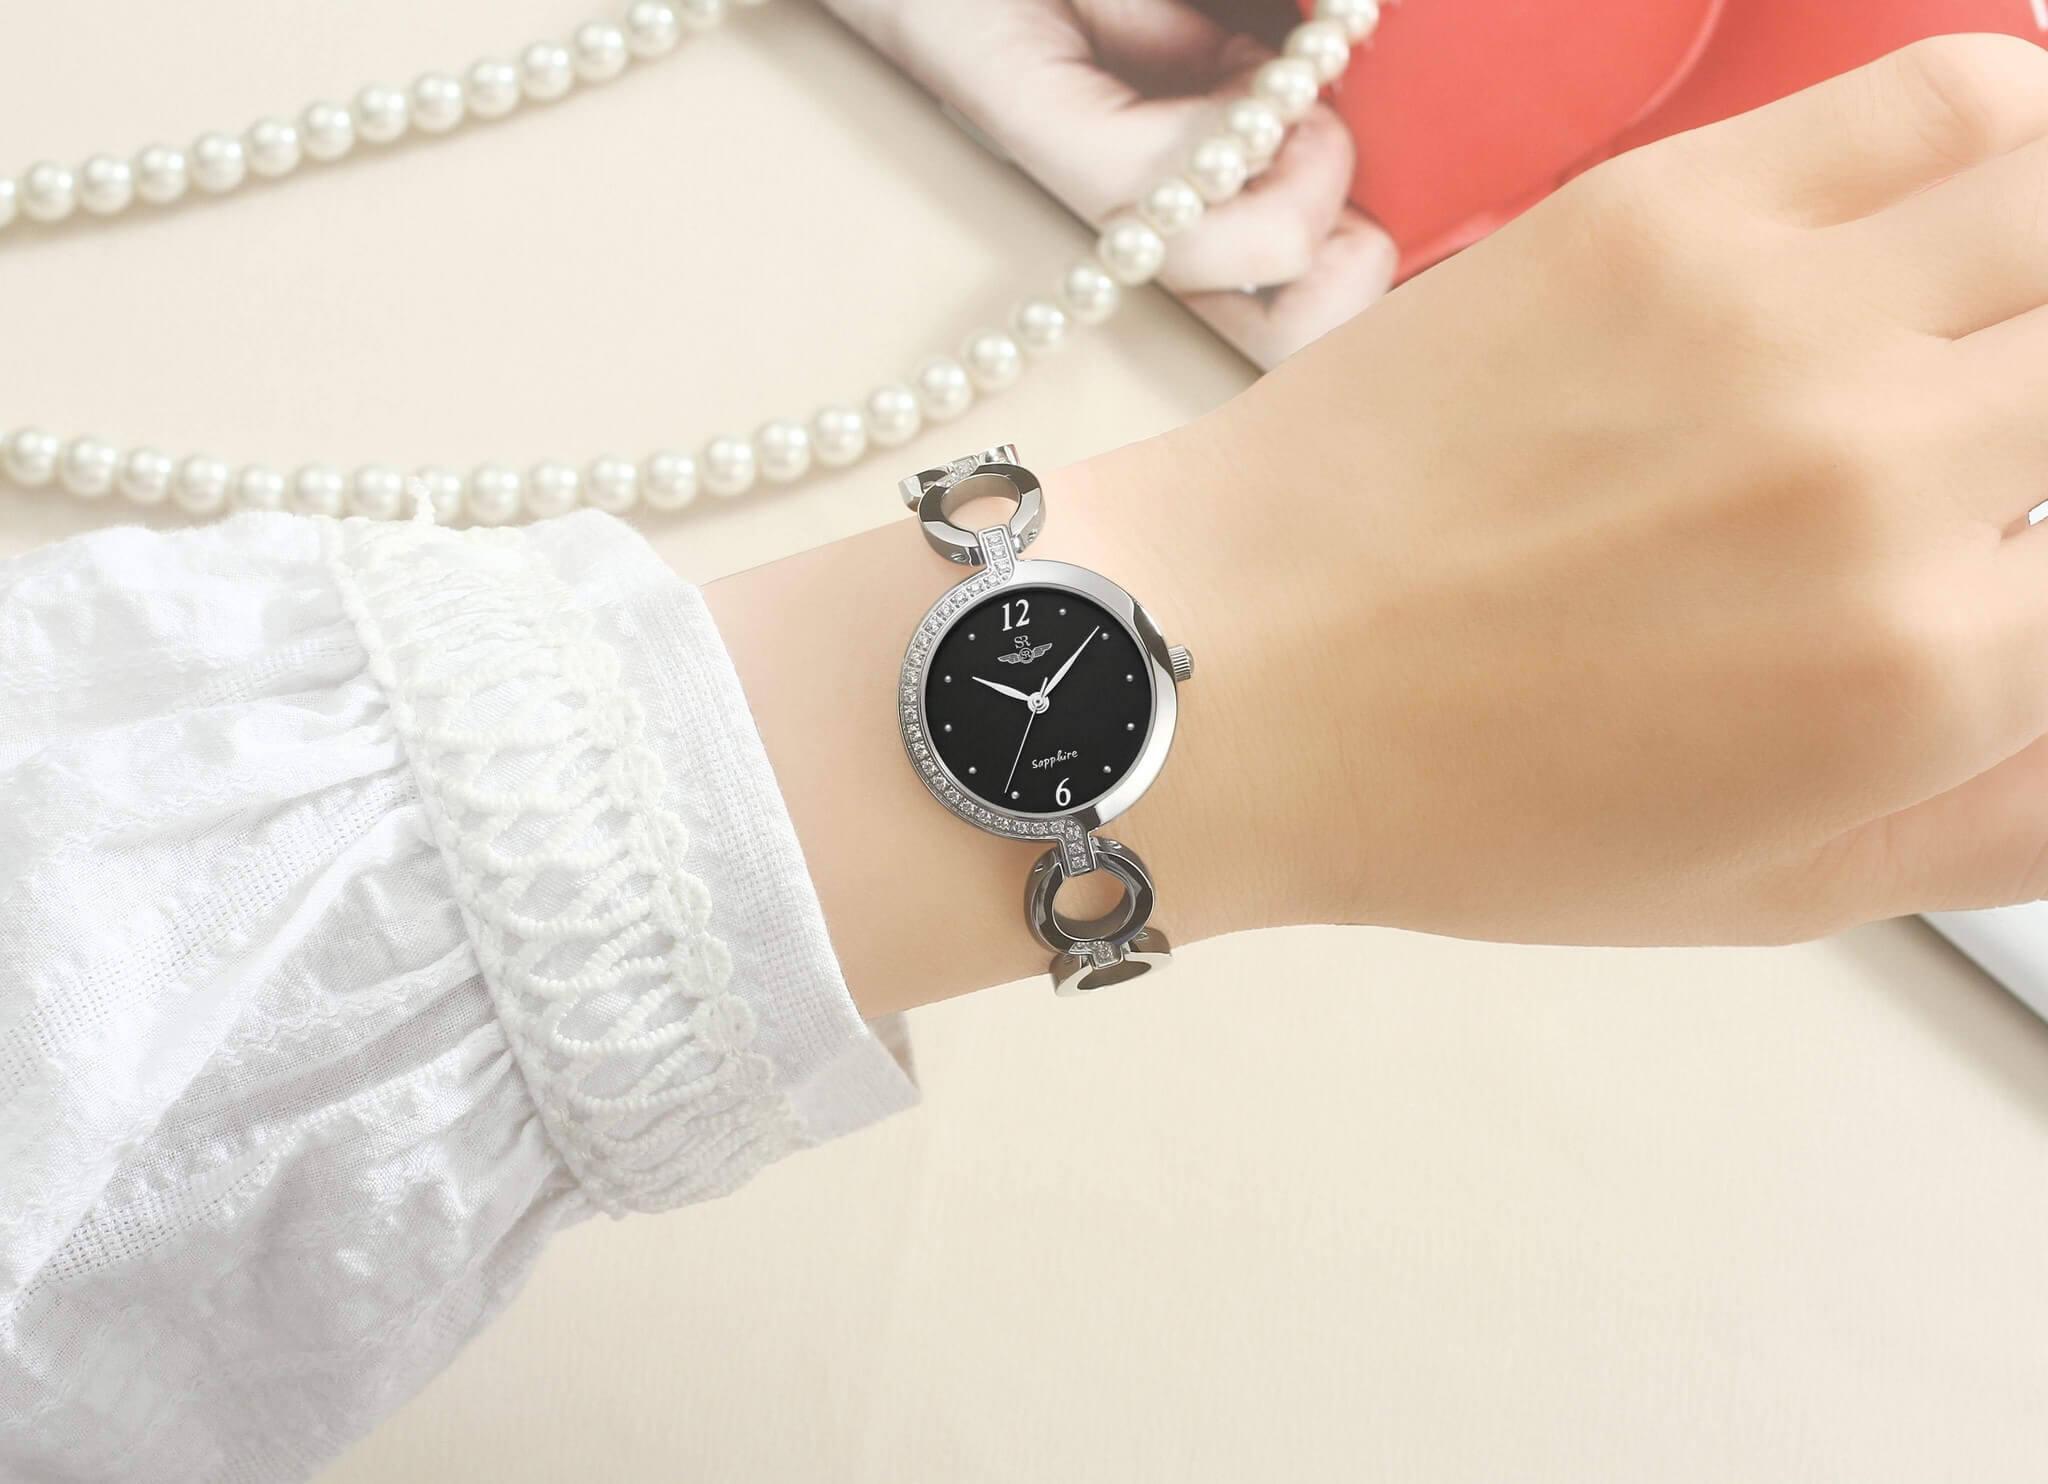 đồng hồ sapphire nữ giá tốt